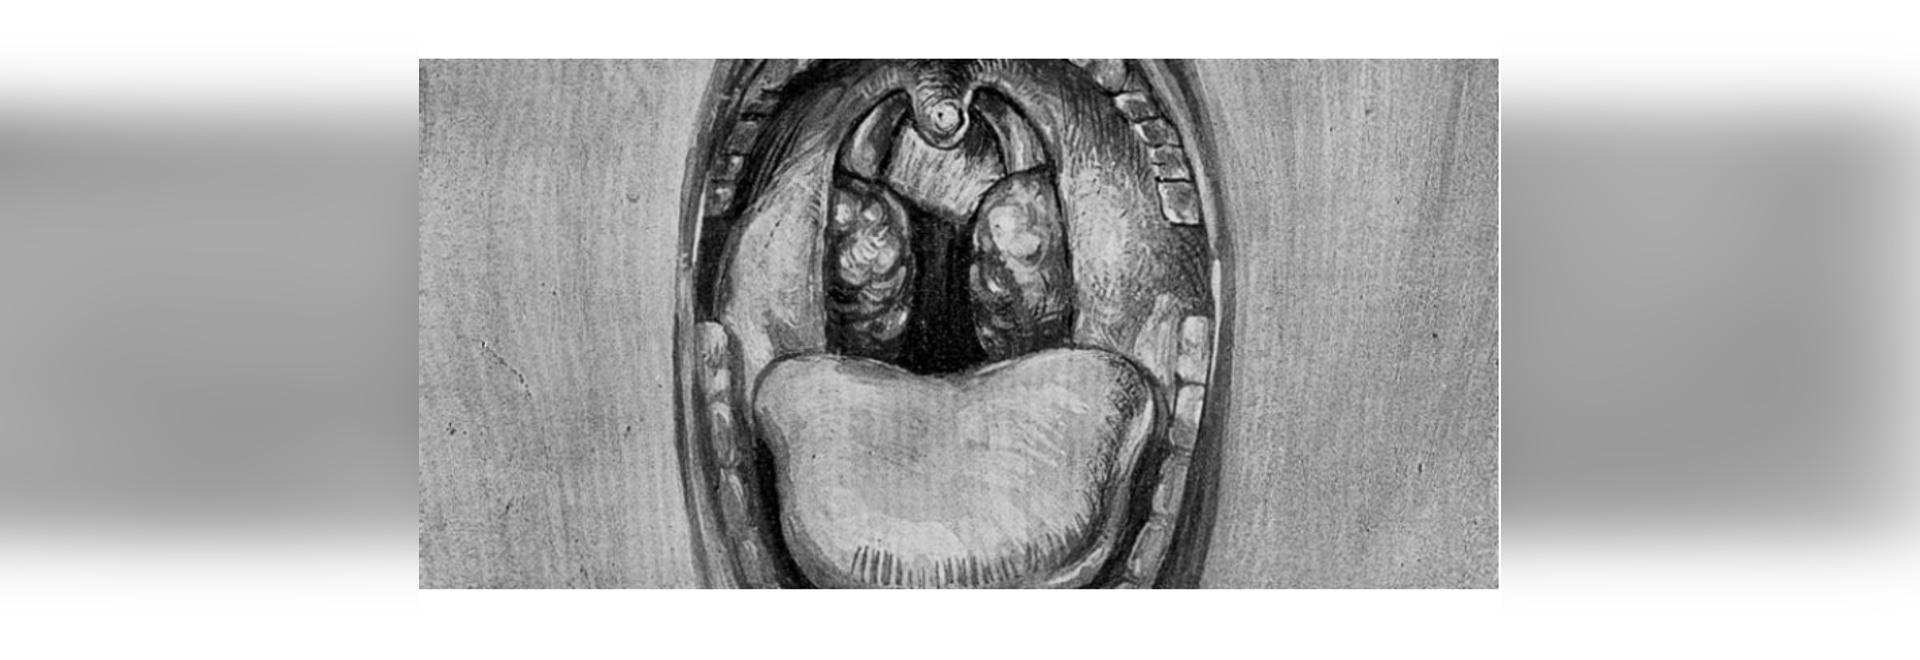 L'adénotonsillectomie pour l'apnée obstructive du sommeil chez les jeunes enfants n'a aucun effet sur la cognition